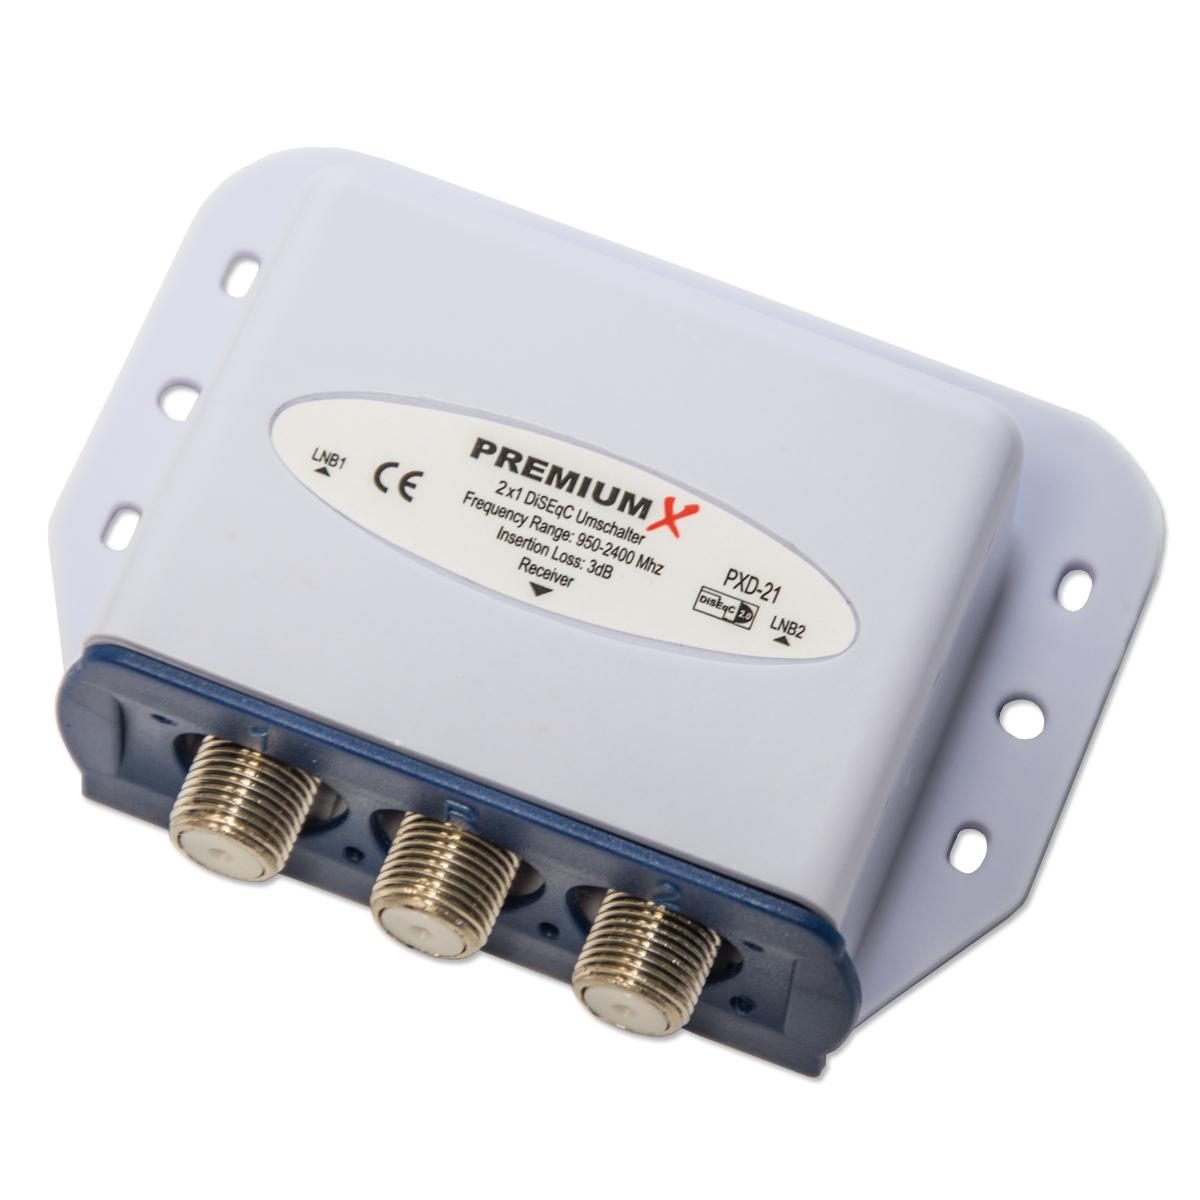 2x Opticum Red Rocket Twin LNB 0,1 dB 3 Grad Astra Hotbird Eutelsat HDTV HD FULLHD 3D + 2x 2/1 DiseqC Schalter TOP für Eutelsat oder 3 ° Grad Sat Anlagen